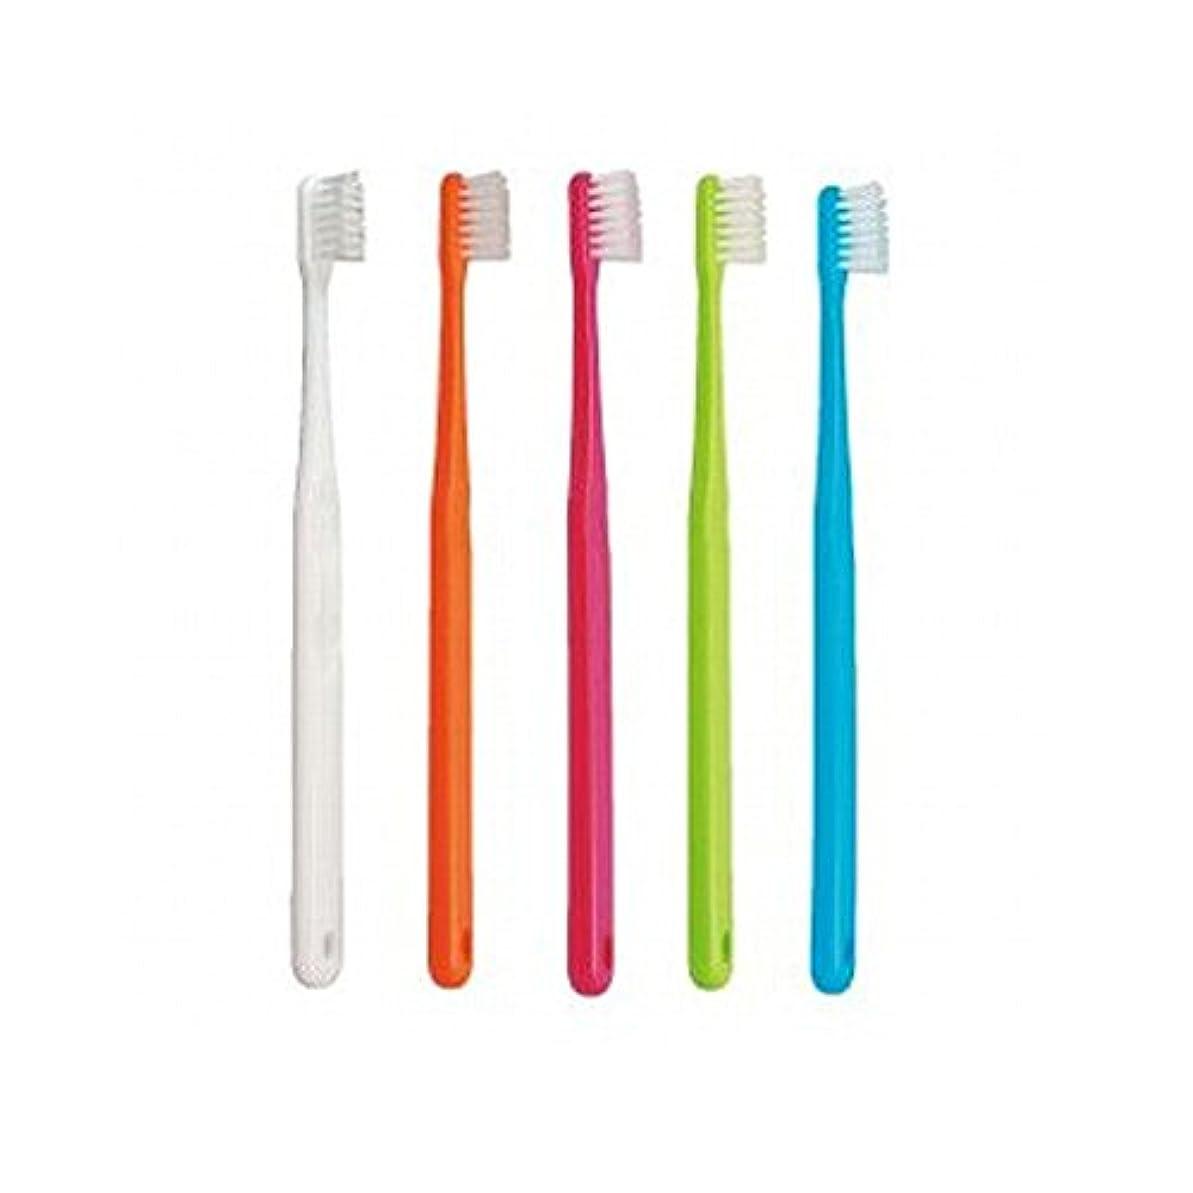 休眠ゲインセイカーフ【Ci/シーアイ】【歯科用】Ci701 25本【歯ブラシ】【ややかため】【極薄ヘッド】ハンドルカラー5色選択不可